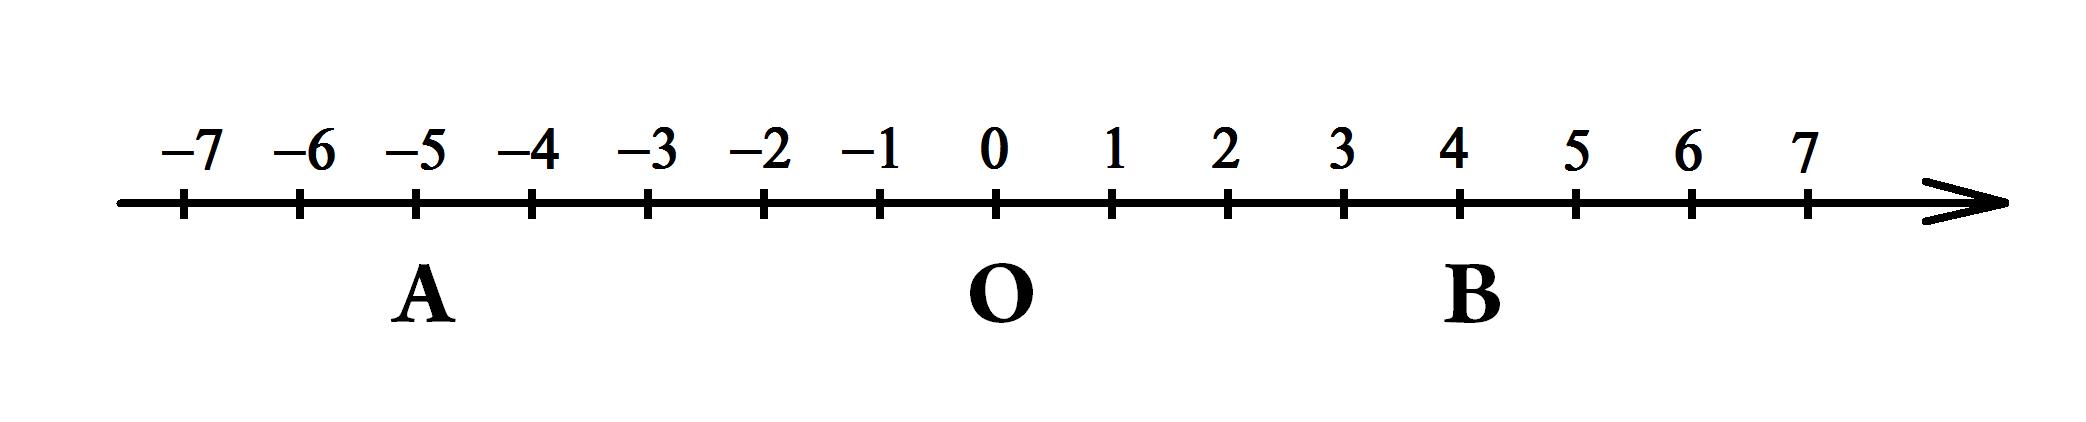 числа.bmp